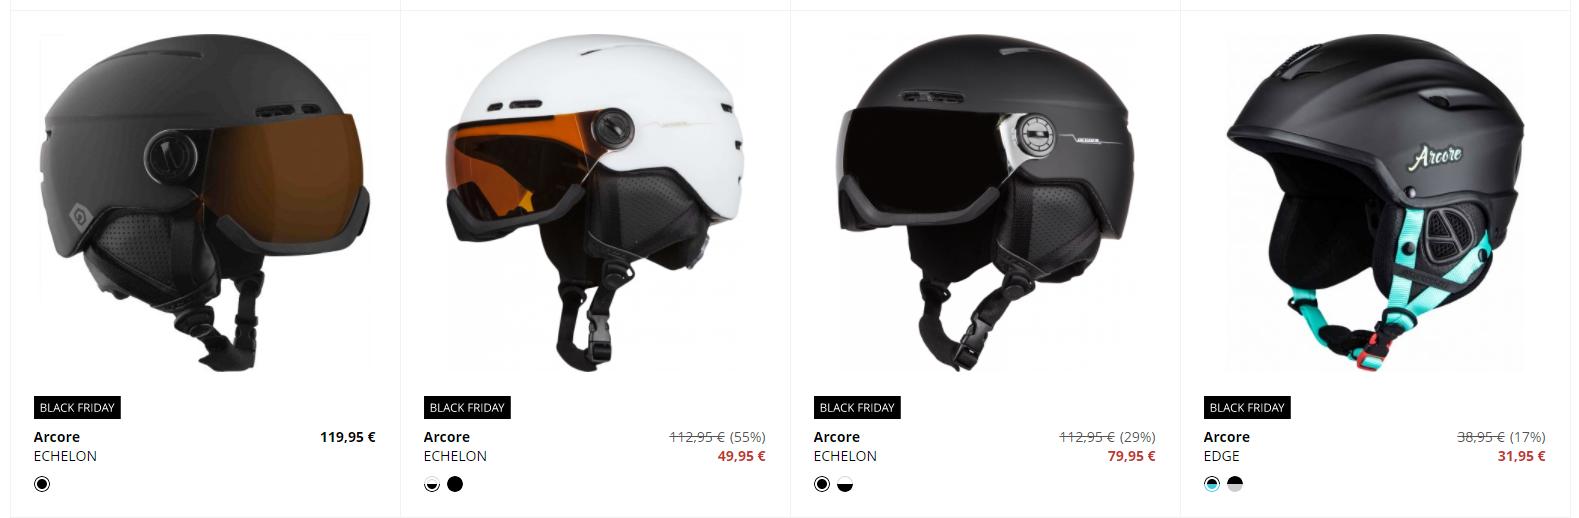 Black Friday Sportisimo – zlacnené lyžiarske prilby